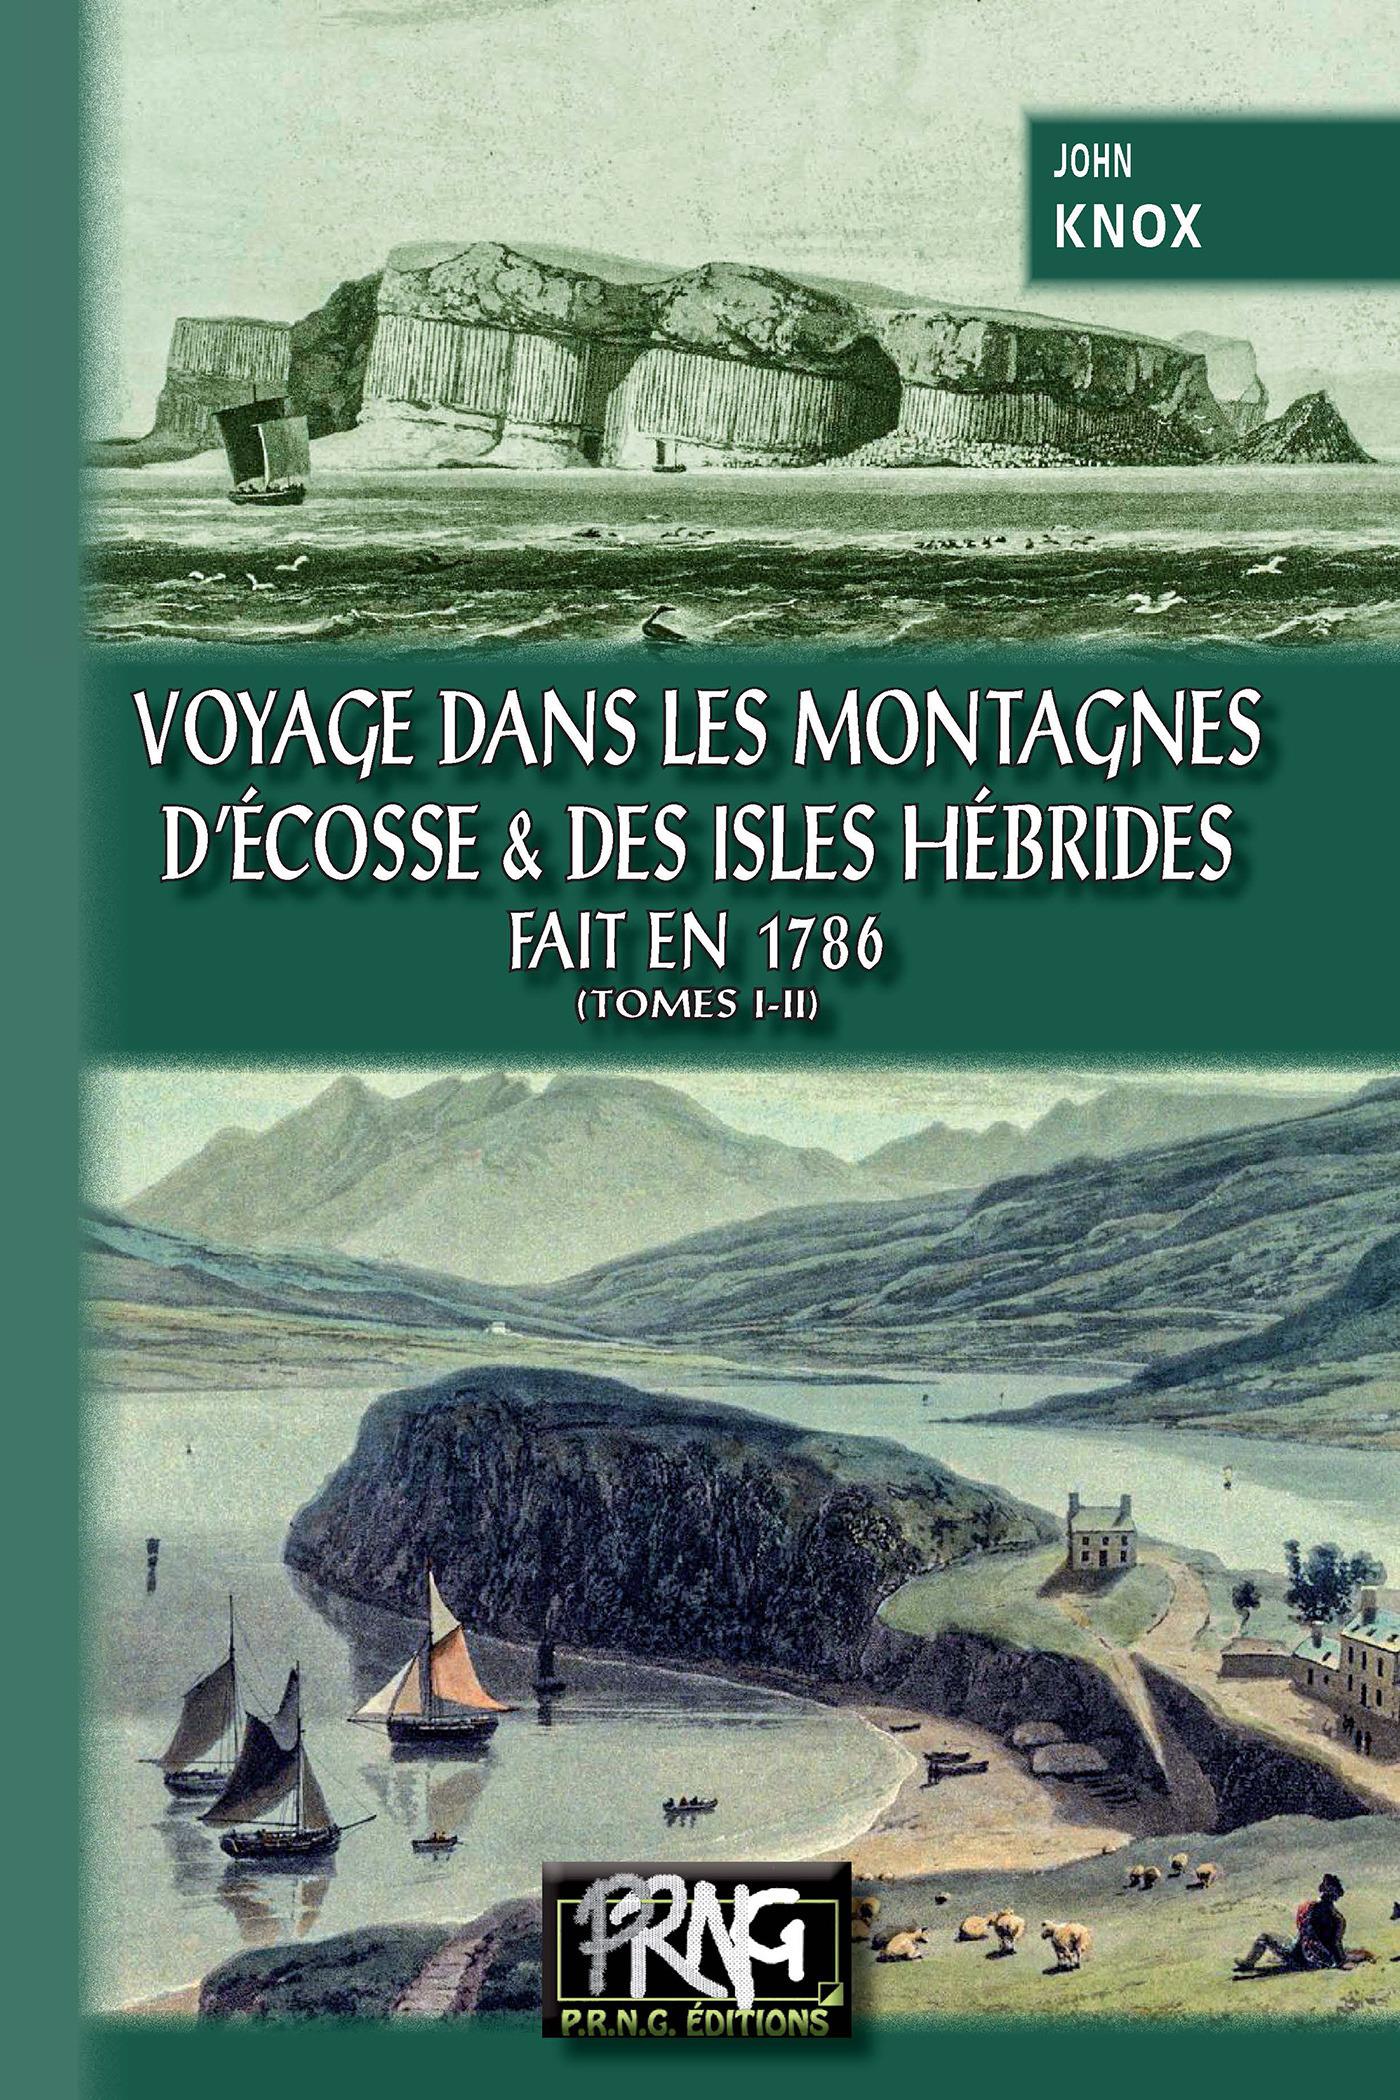 Voyage dans les Montagnes d'Ecosse et des Isles Hébrides, fait en 1786  - John Knox